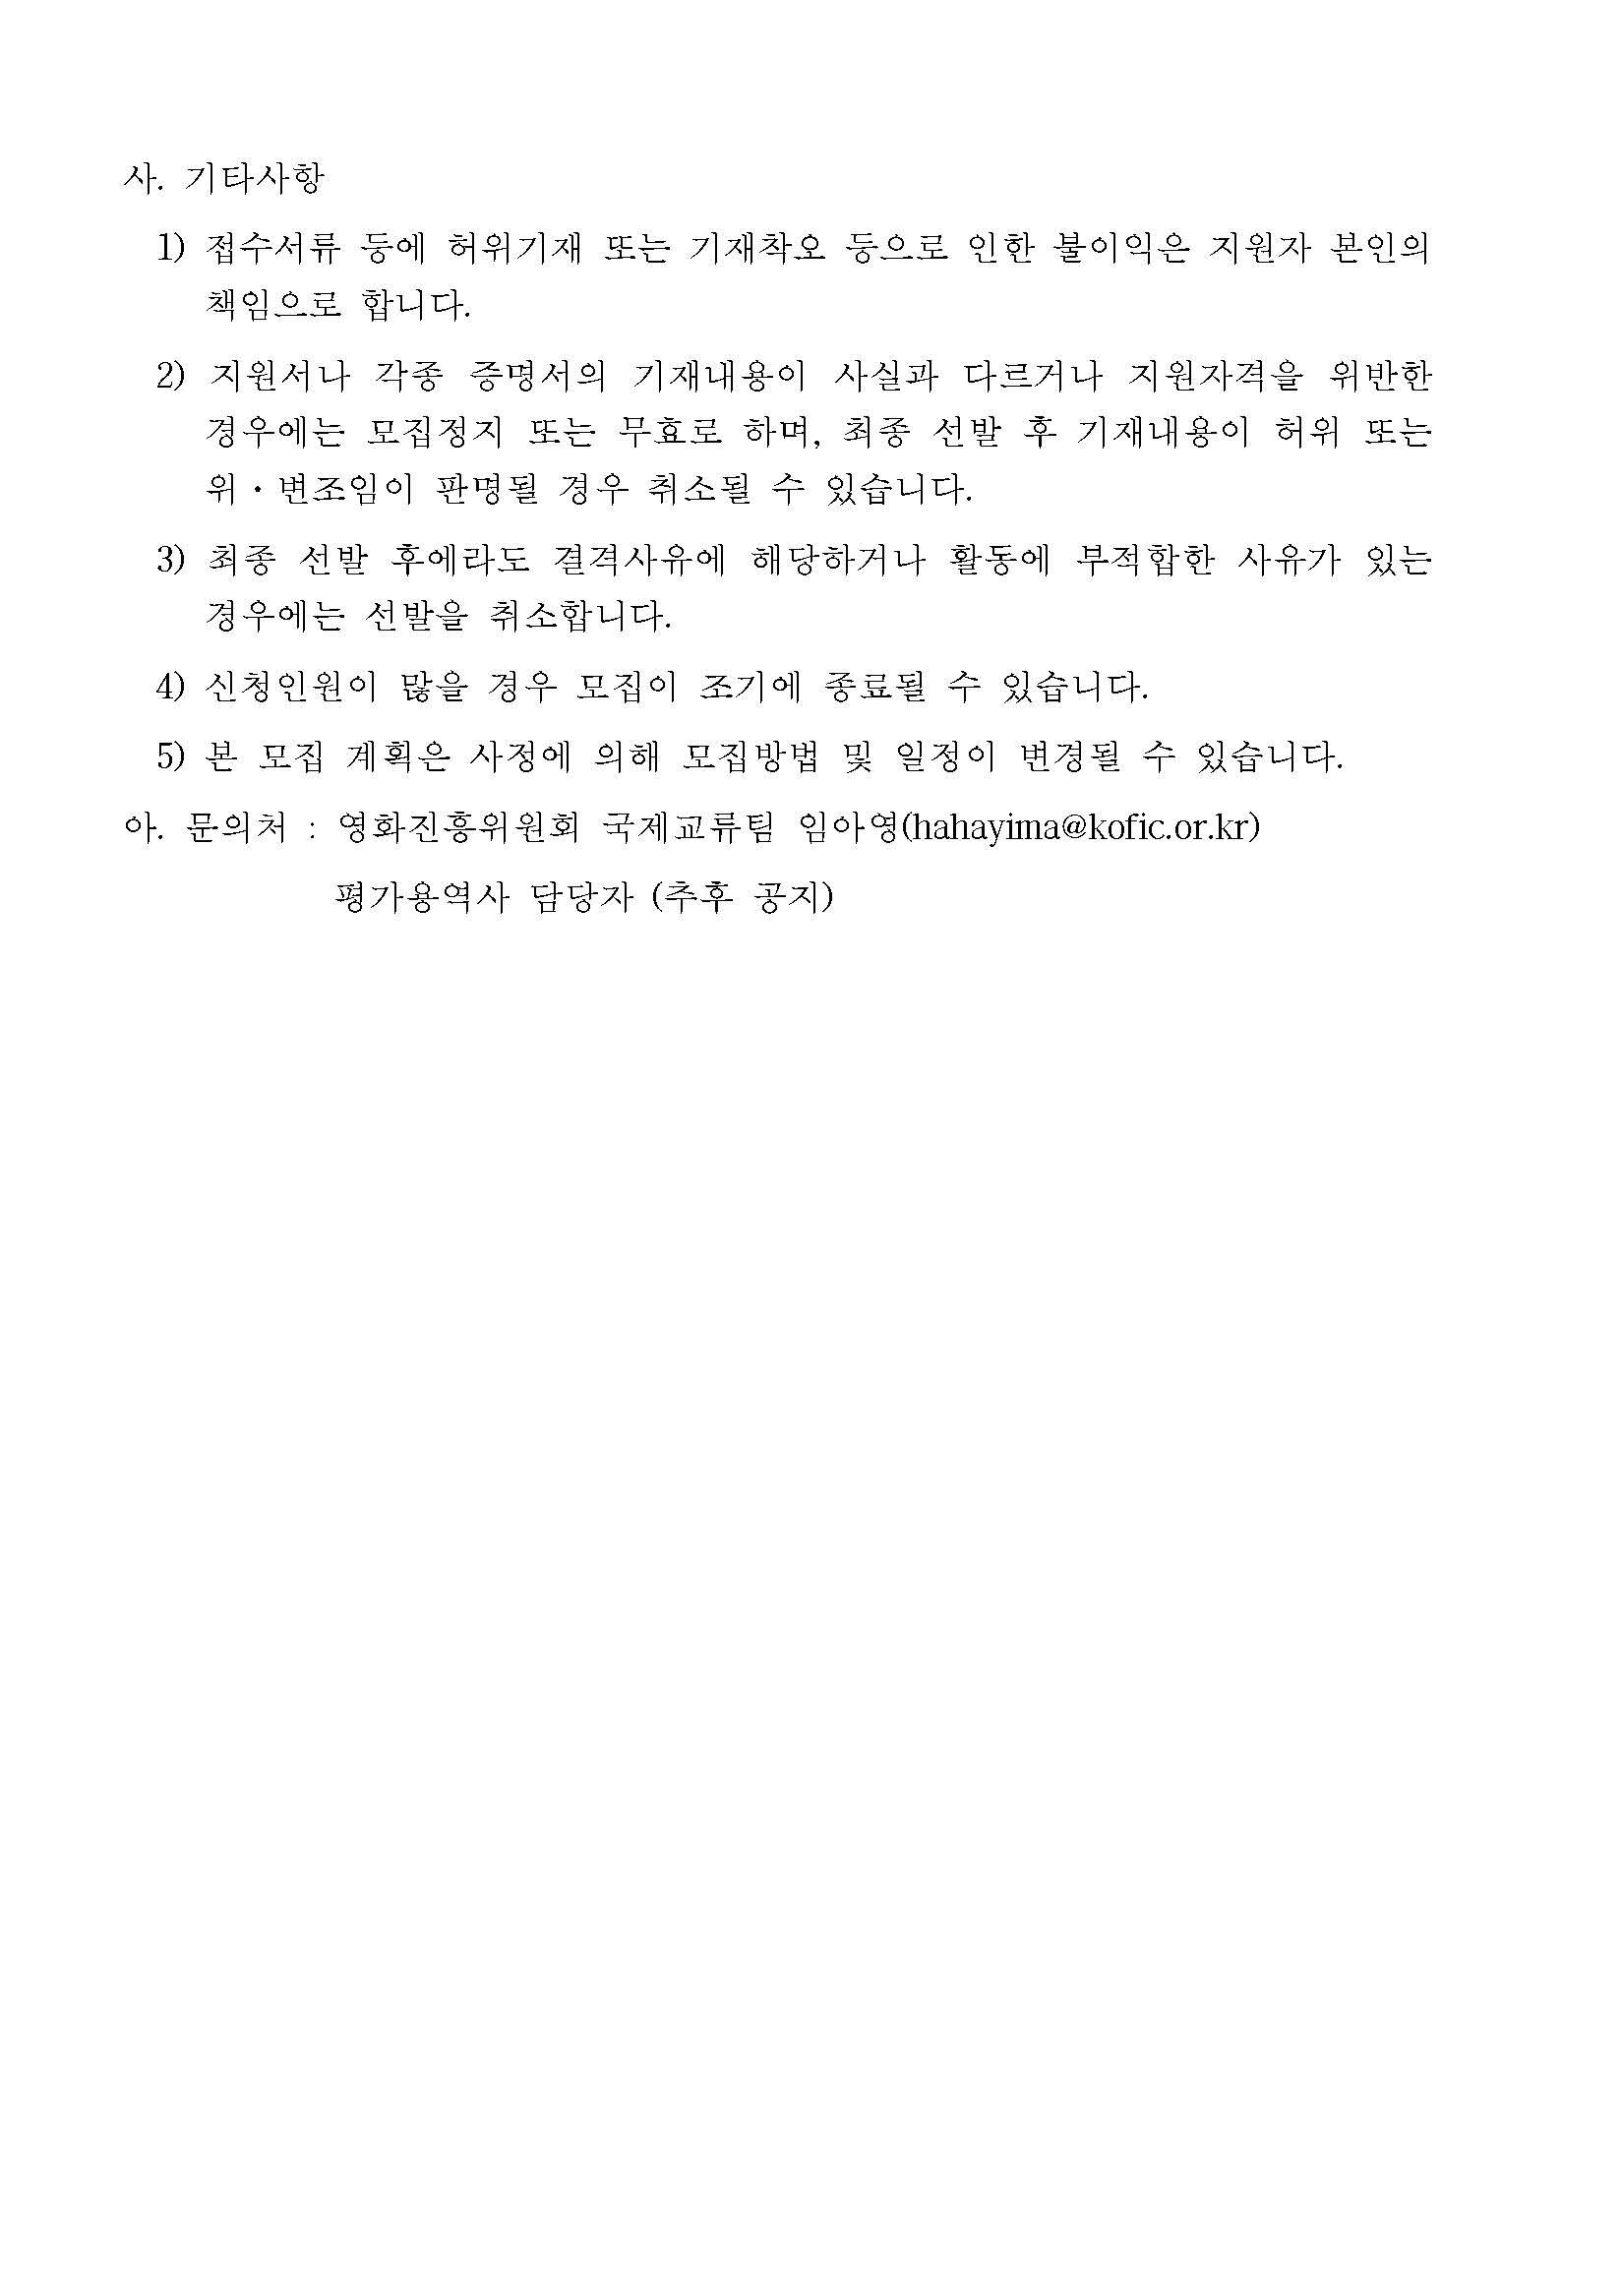 2021년_전주국제영화제_모집공고문_페이지_3